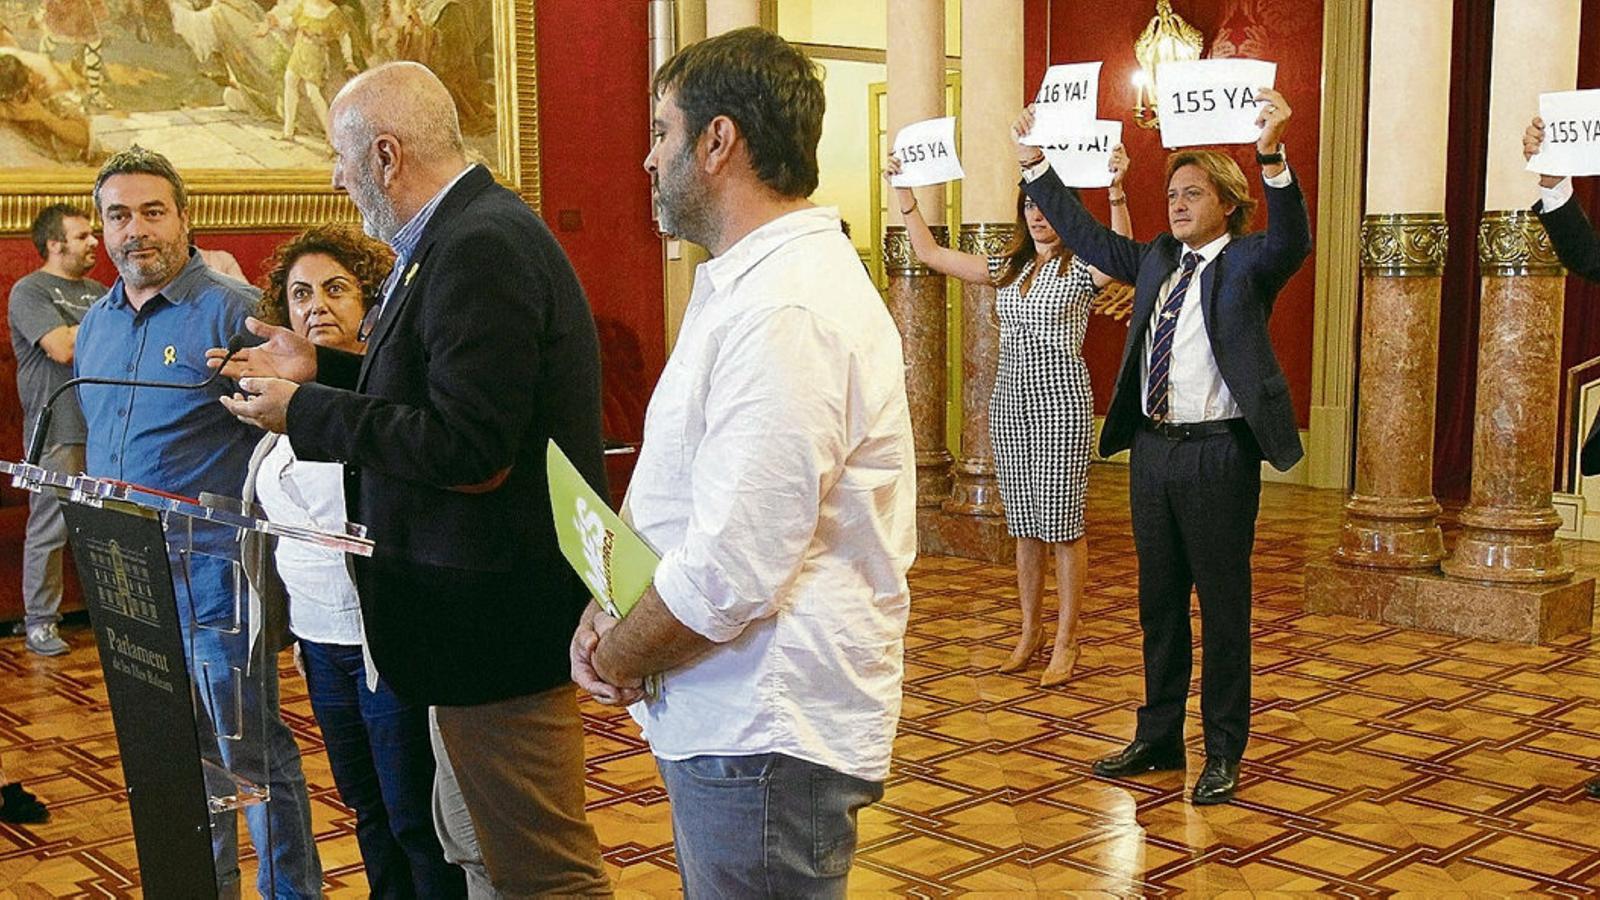 La sentència remou  El Parlament i divideix El Govern balear